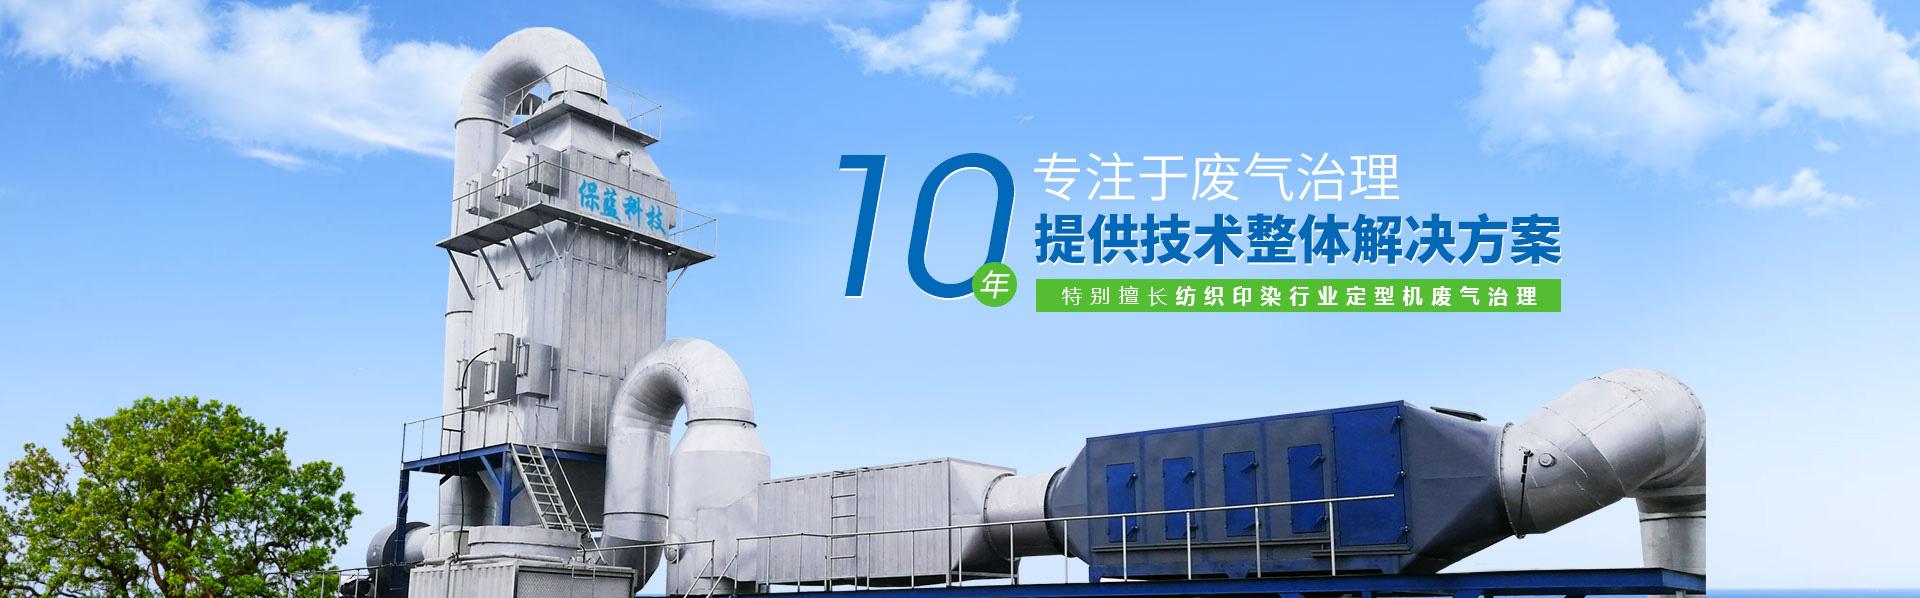 保蓝科技-10年专注于废气治理 · 提供技术整体解决方案!